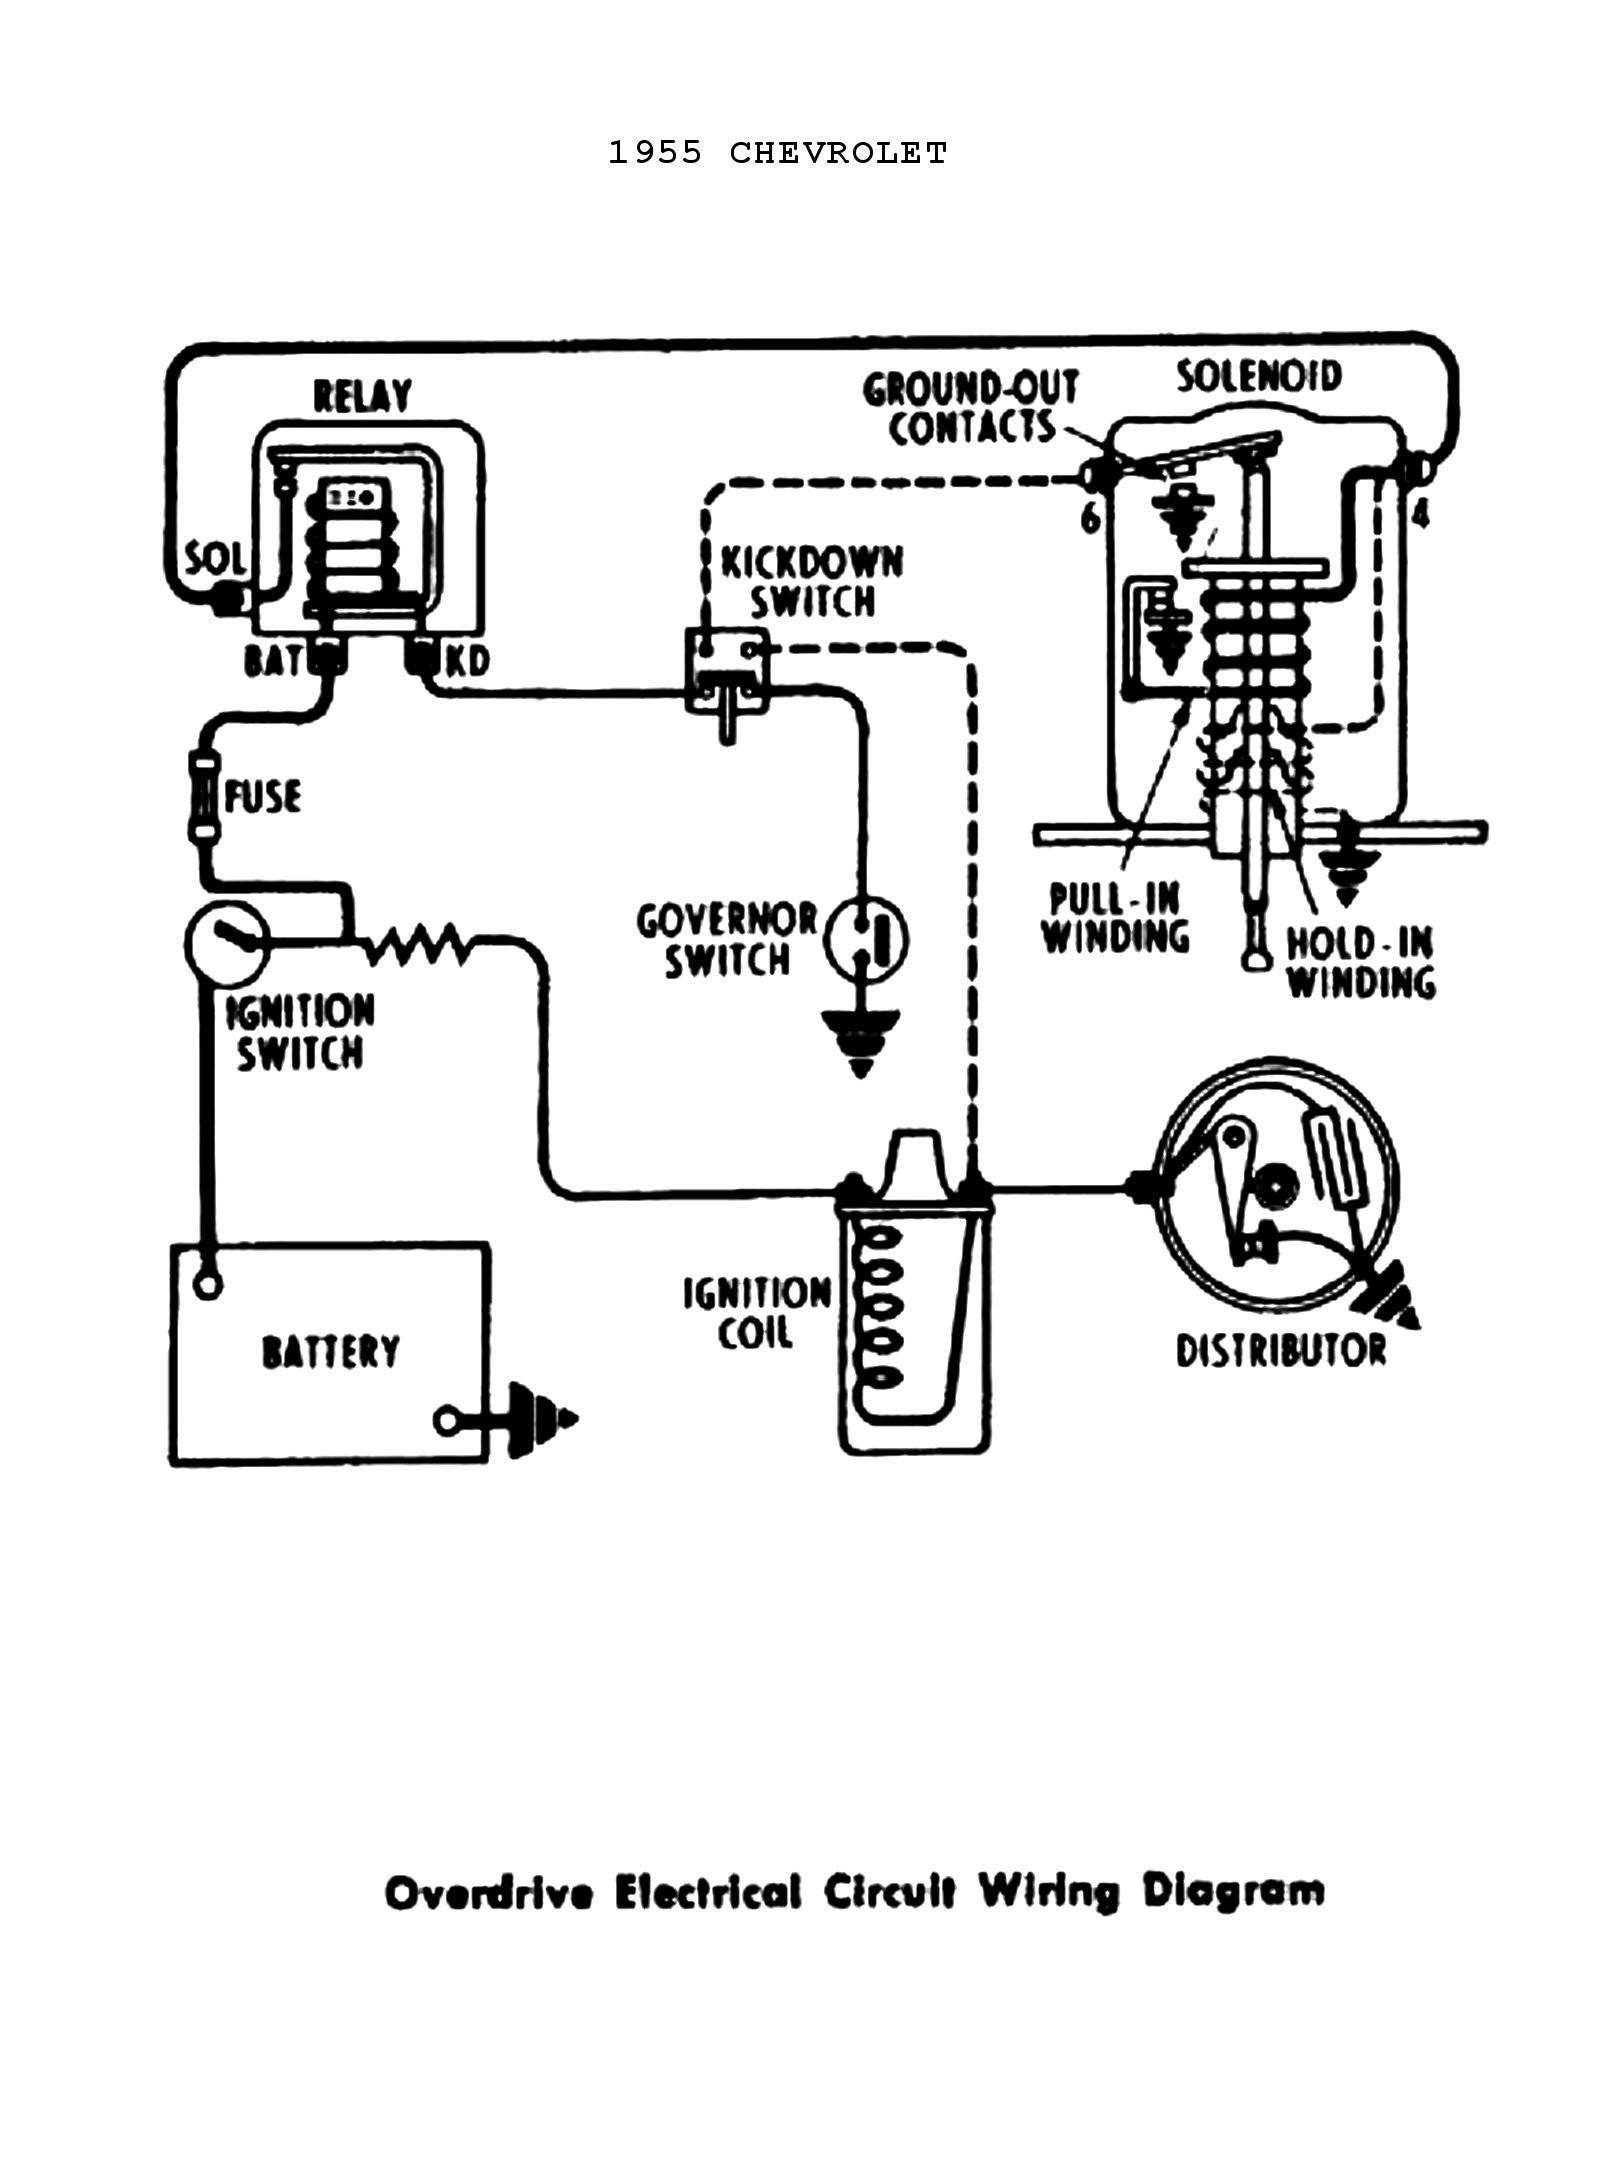 Car Air Horn Wiring Diagram Chevy Wiring Diagrams Of Car Air Horn Wiring Diagram